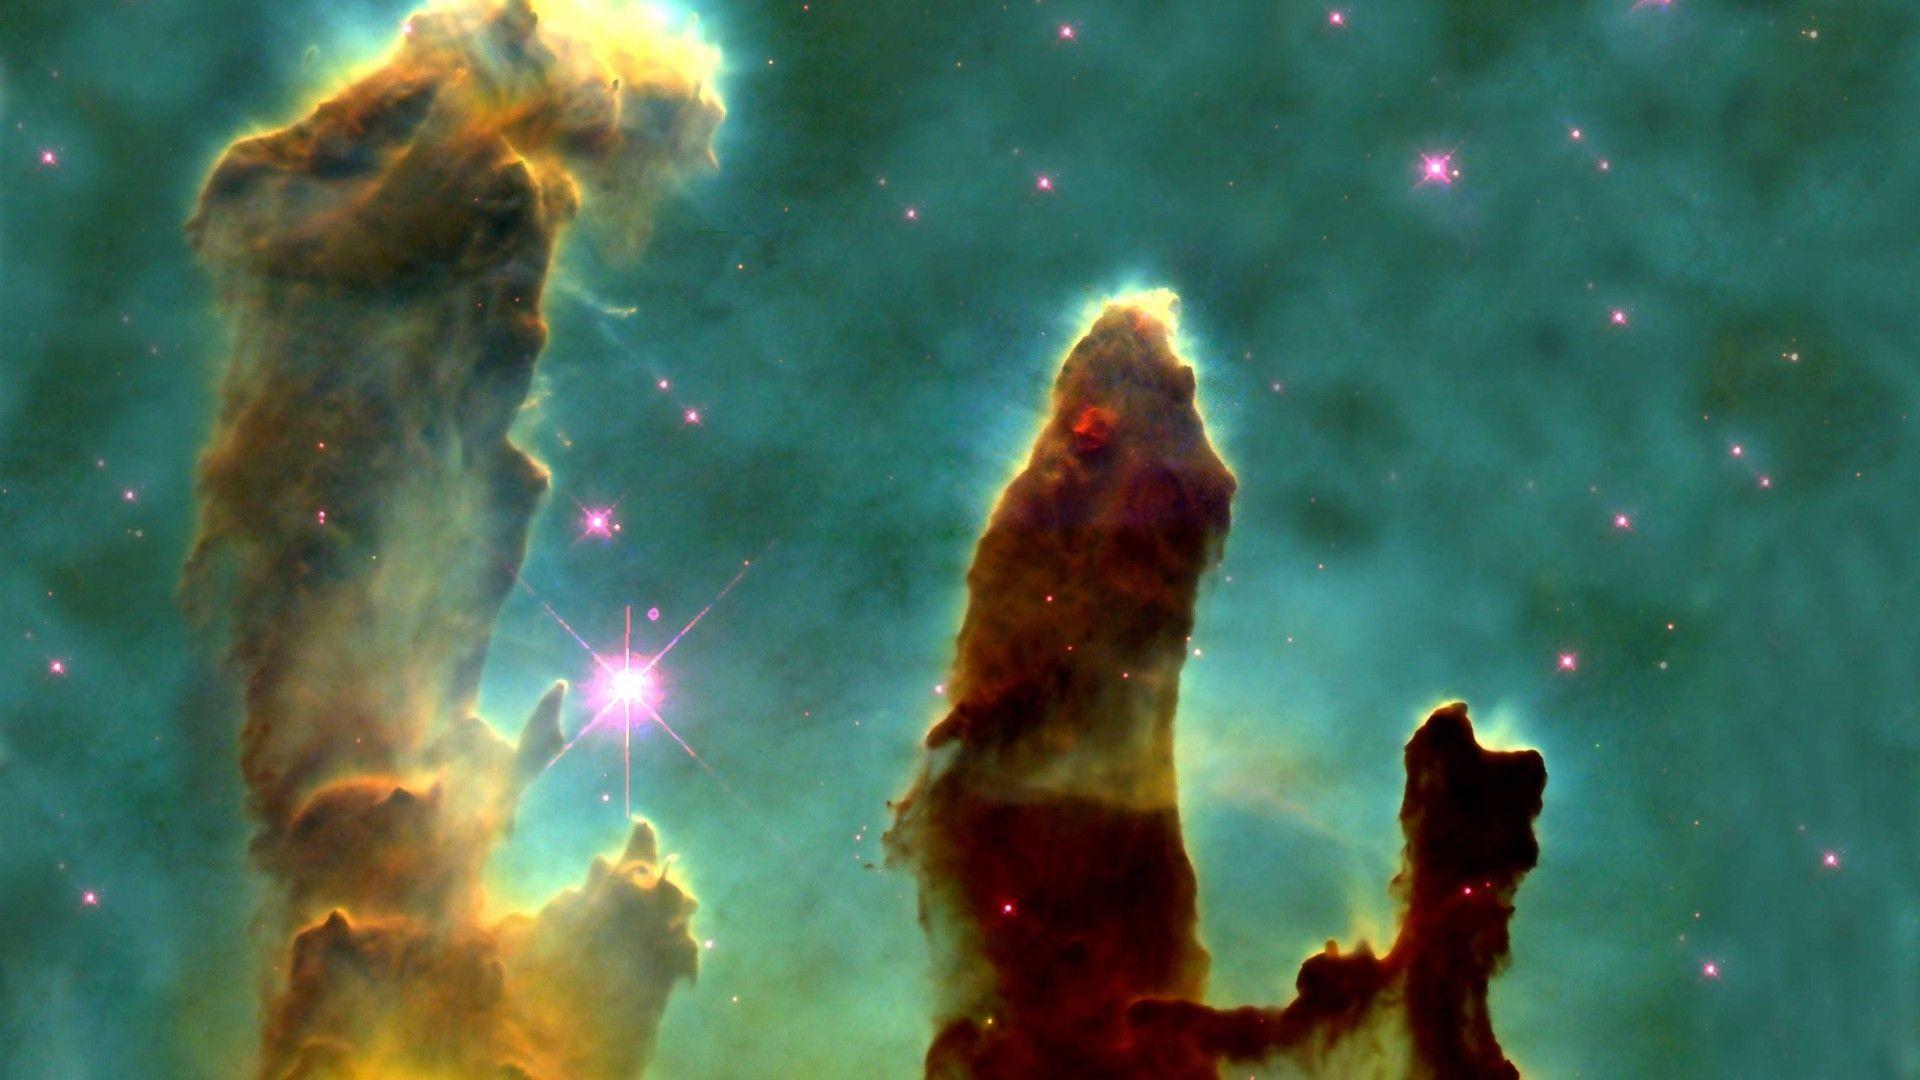 1920x1080 Hubble Deep Field Wallpaper